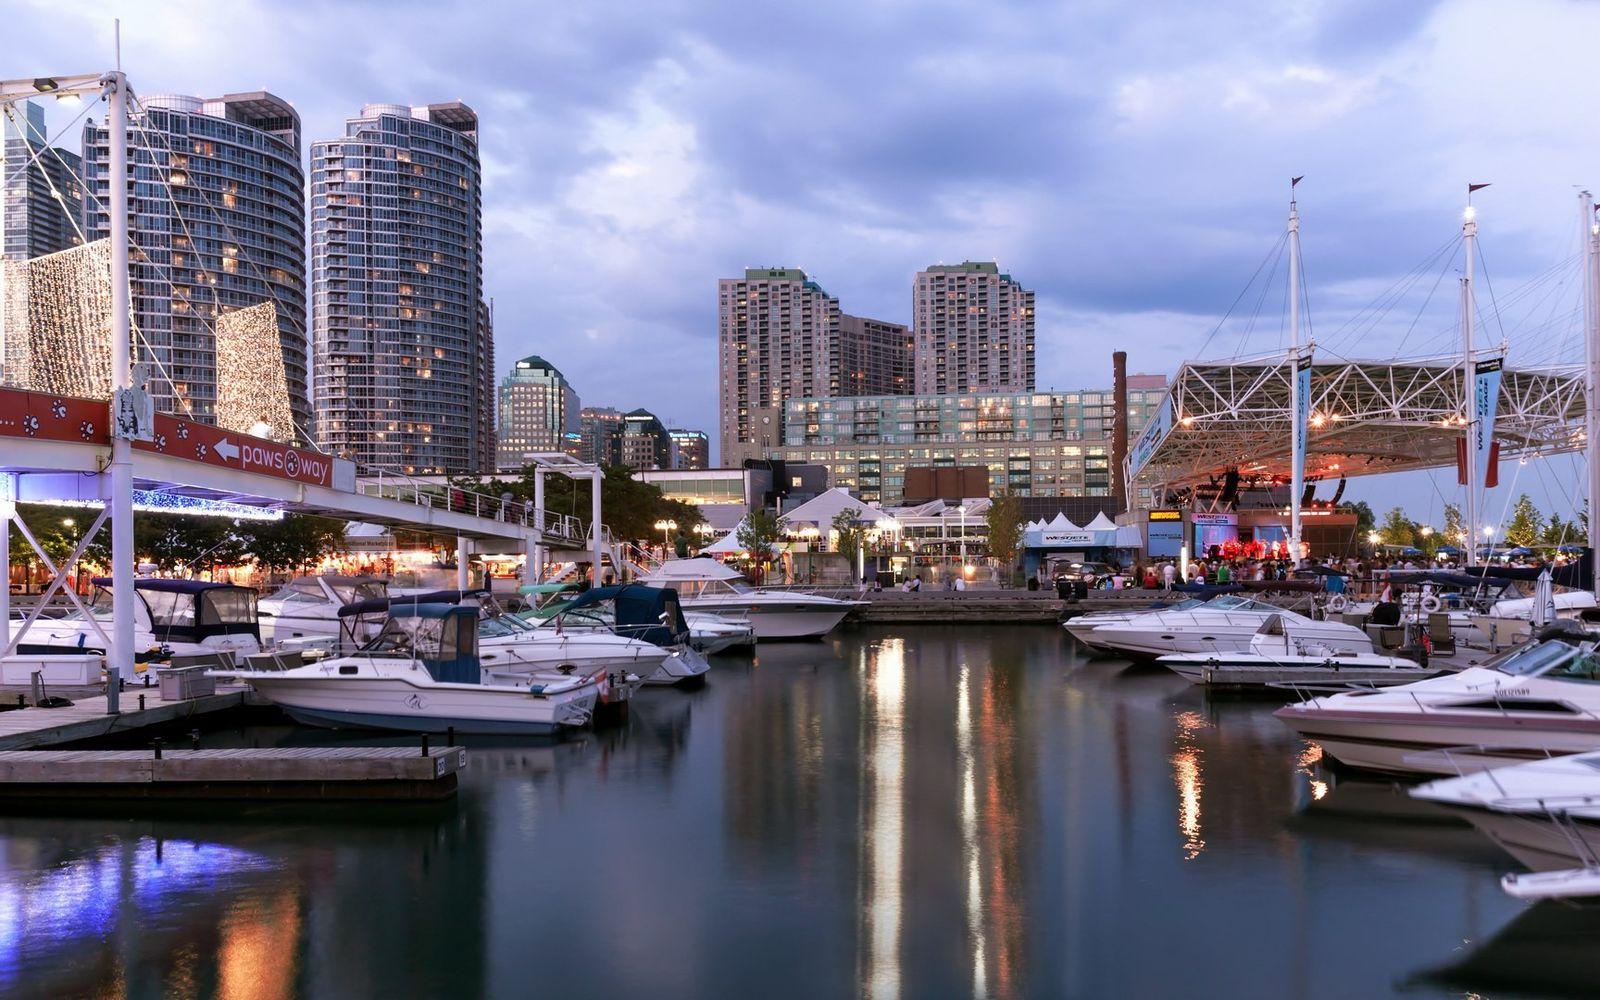 Boats docked at Harbourfront Marina, Toronto.